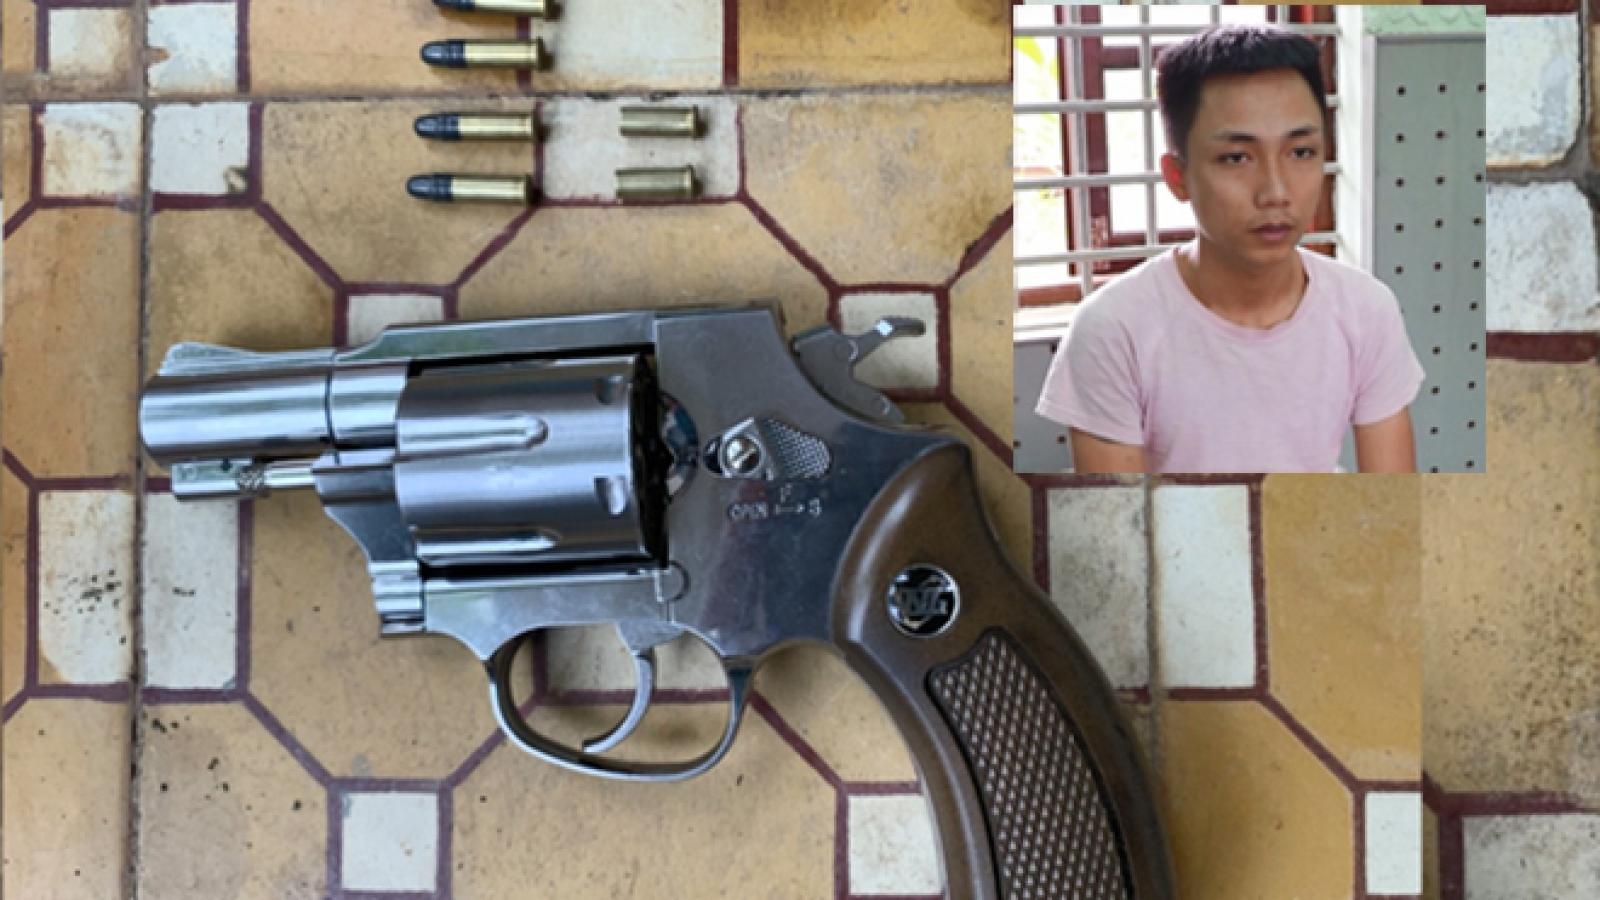 Đòi tiền không được, rút súng bắn người